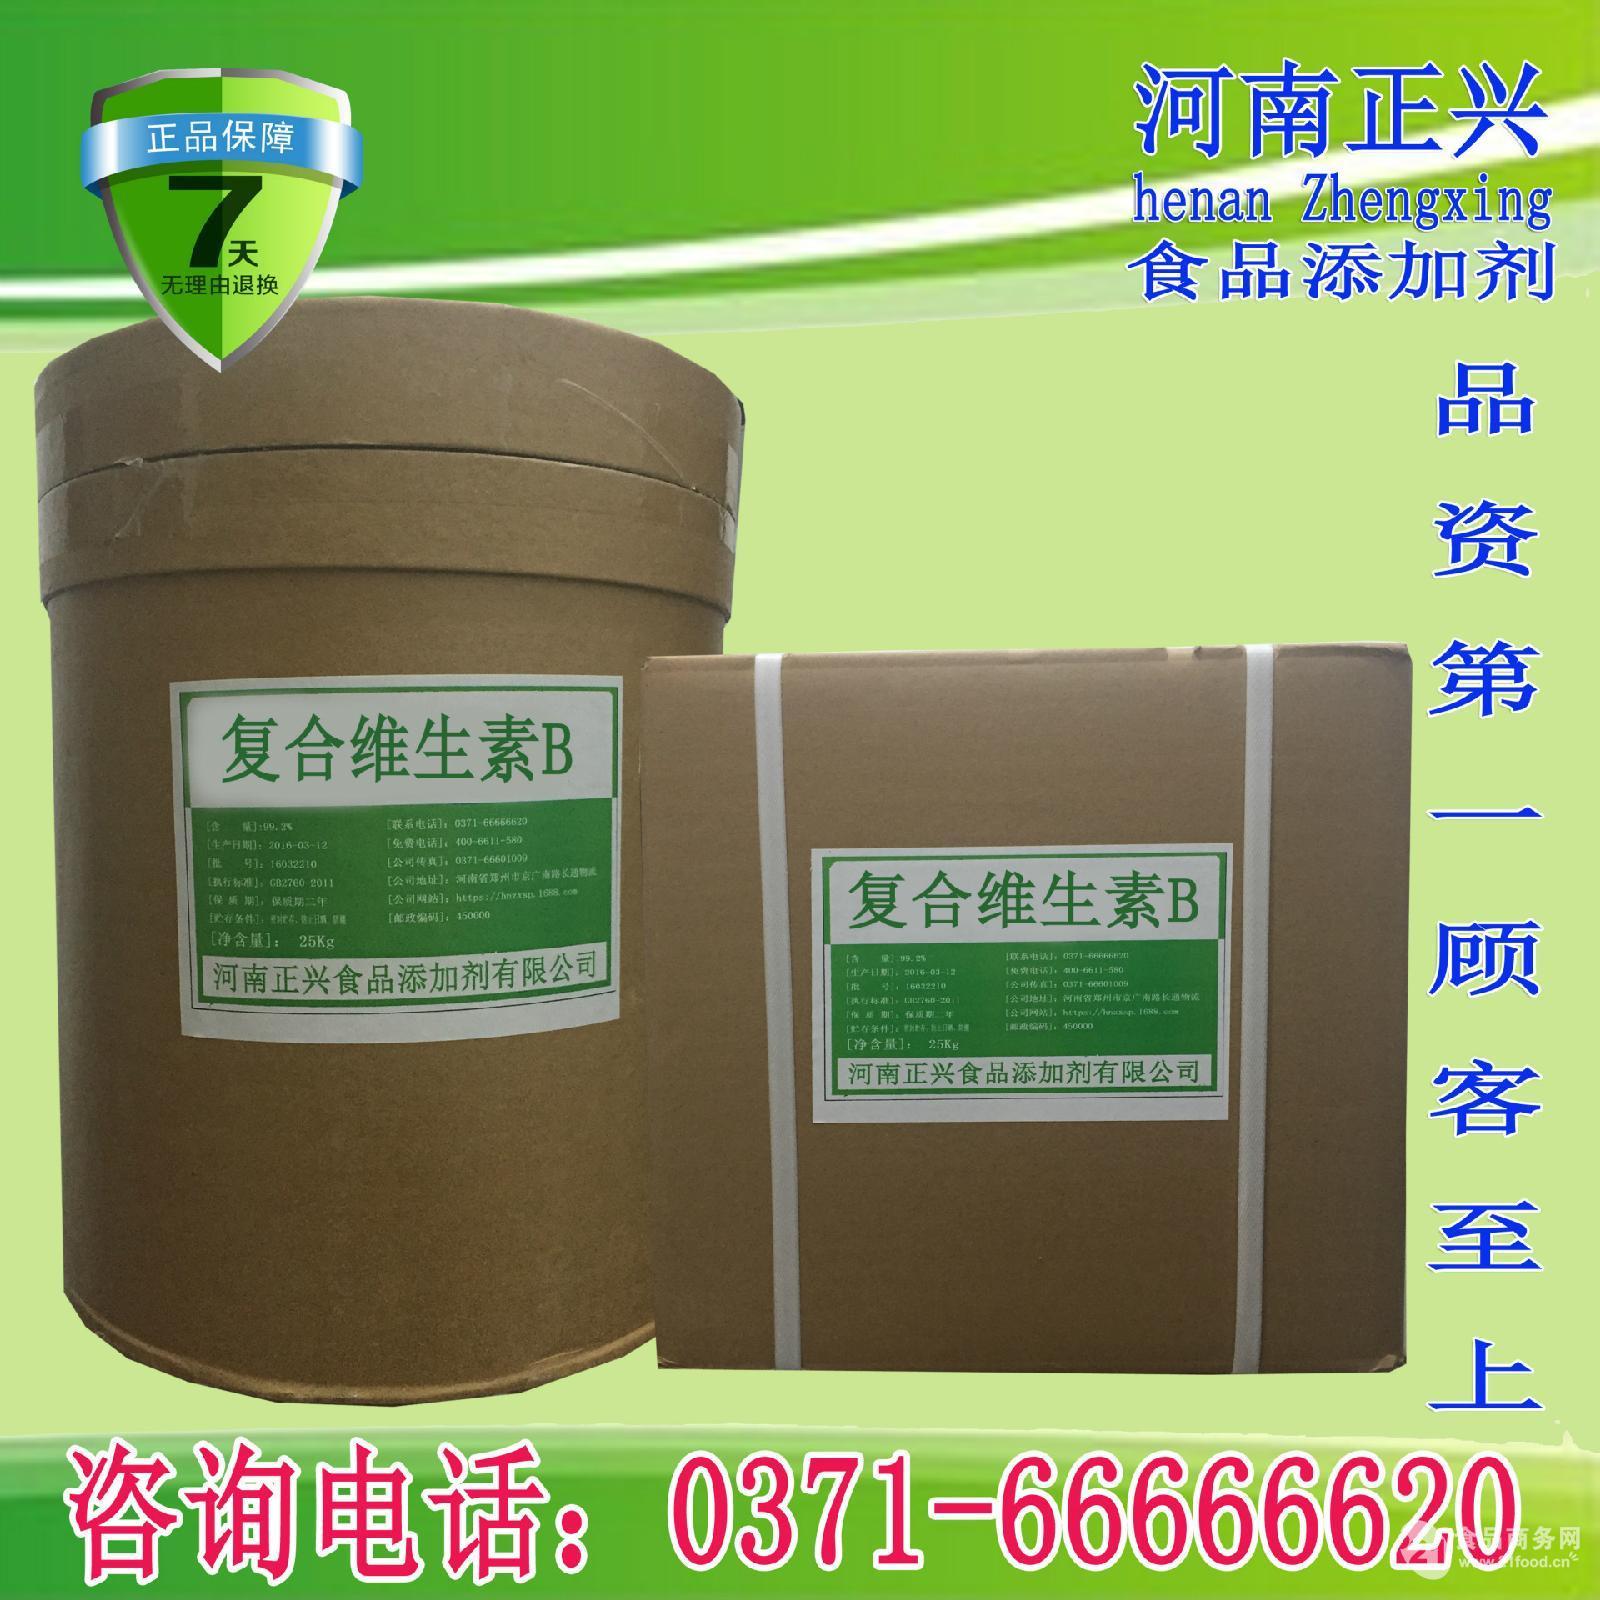 专业供应 食品级 复合维生素B 粉 99%